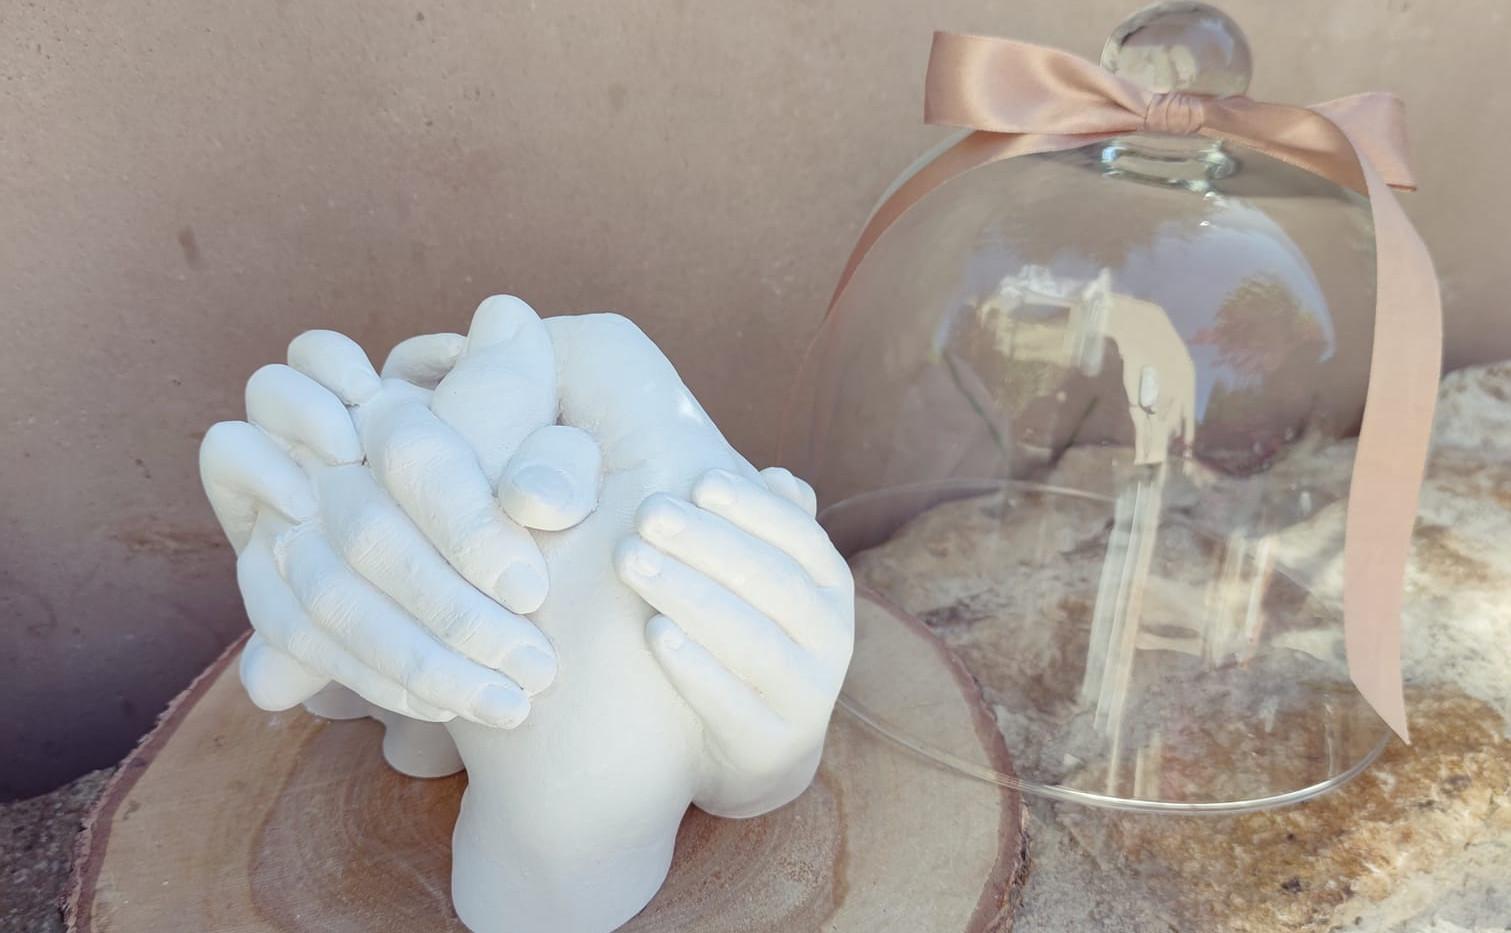 moualge enfant evylines septine and co main en platre souvenir de naissance